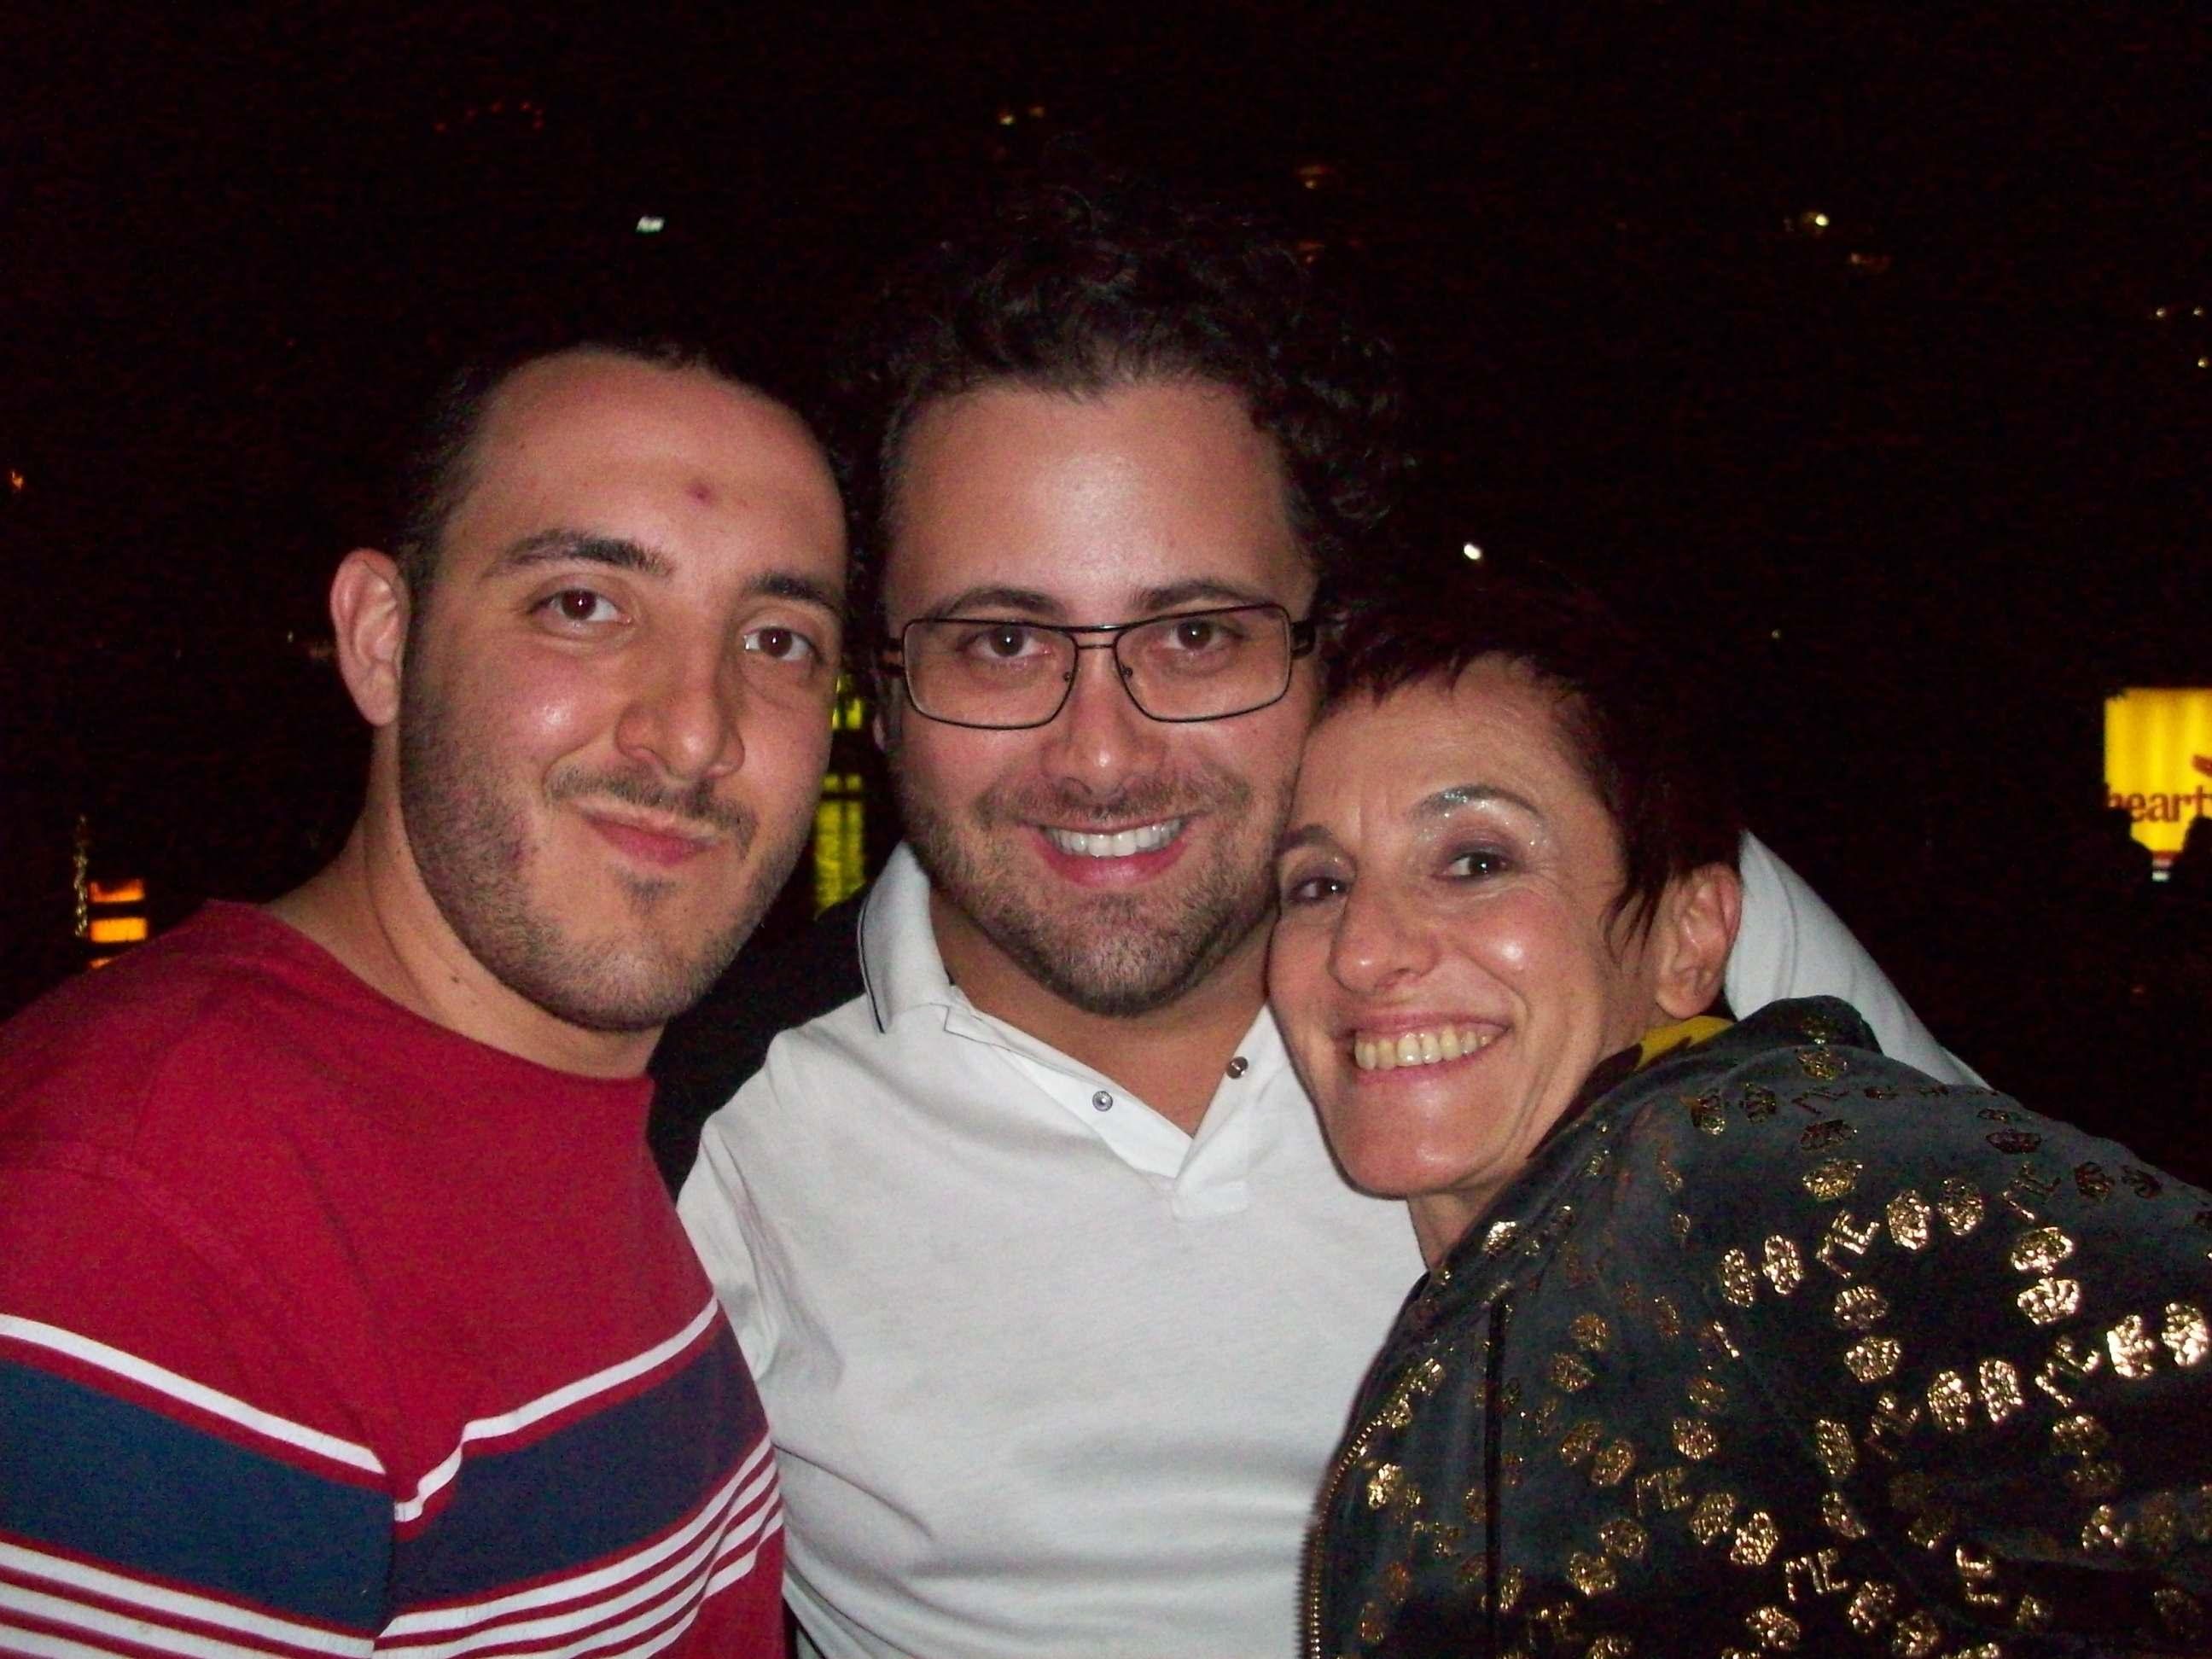 O-consultor-Felipe-Brida-o-promoter-Alberto-Bardawil-e-a-cantora-e-compositora-Laura-Finocchiaro-no-Expressions-of-Brazil-100_2587